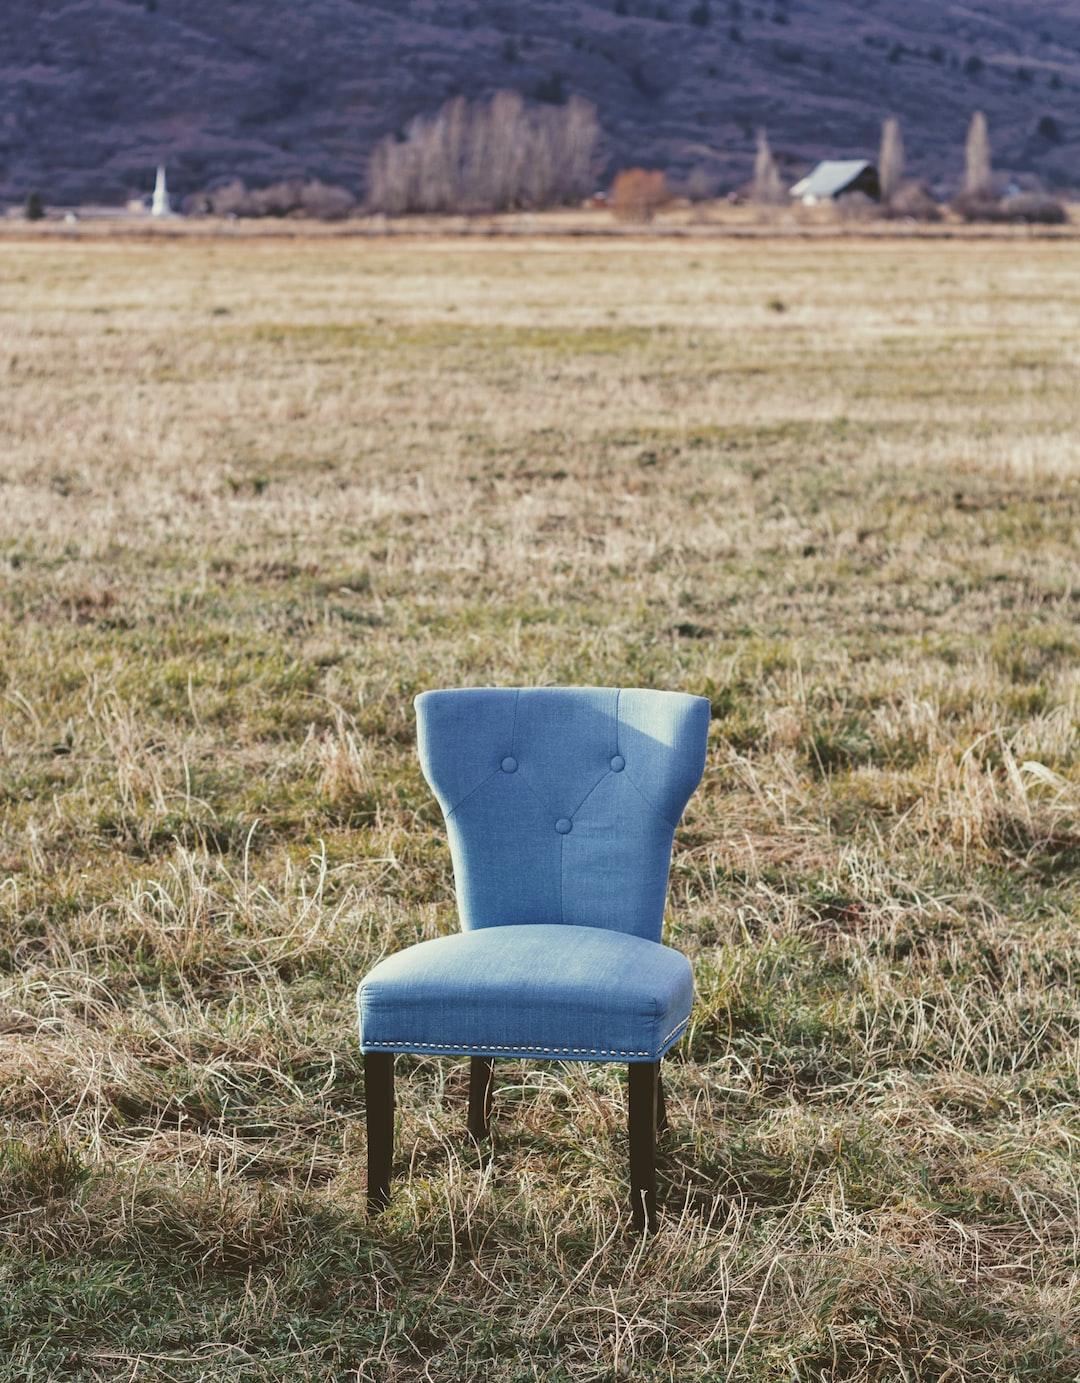 Blue Chair in Field